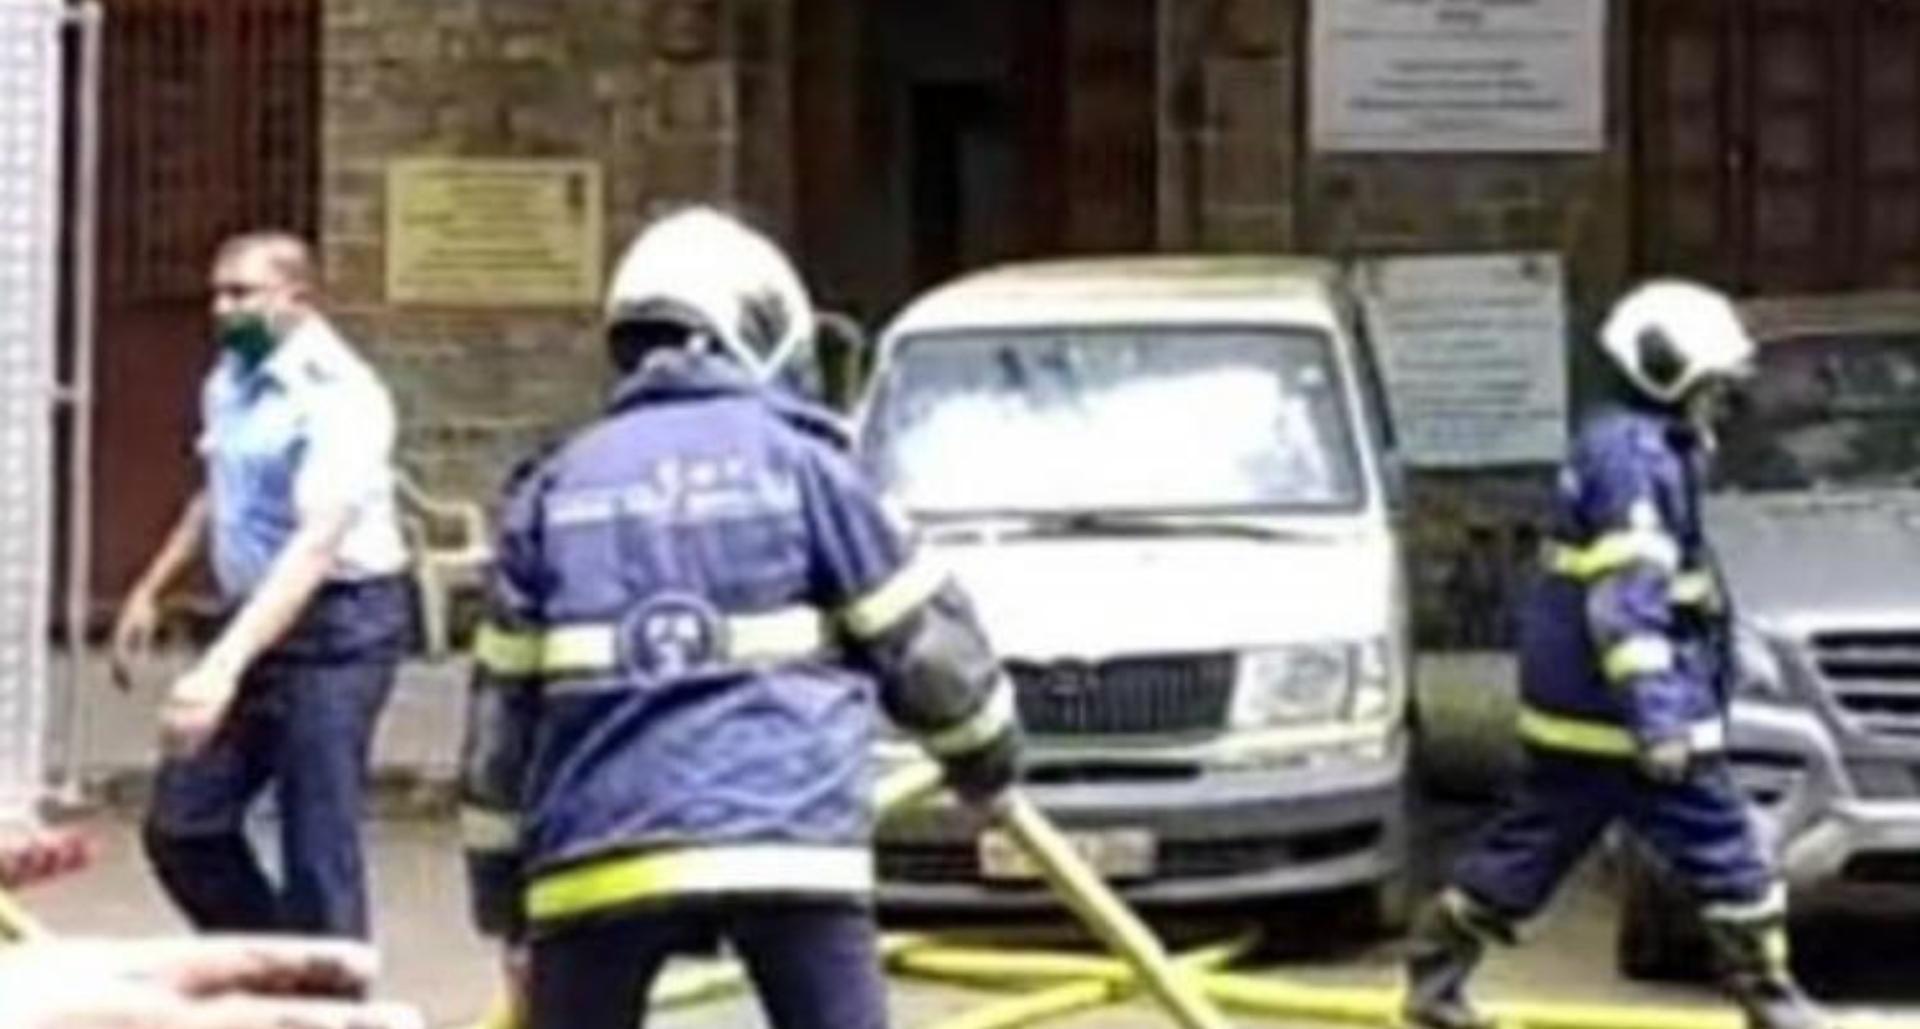 सुशांत सिंह राजपूत के ड्रग एंगल मामले की जांच कर रही एनसीबी ऑफिस की बिल्डिंग में लगी आग!